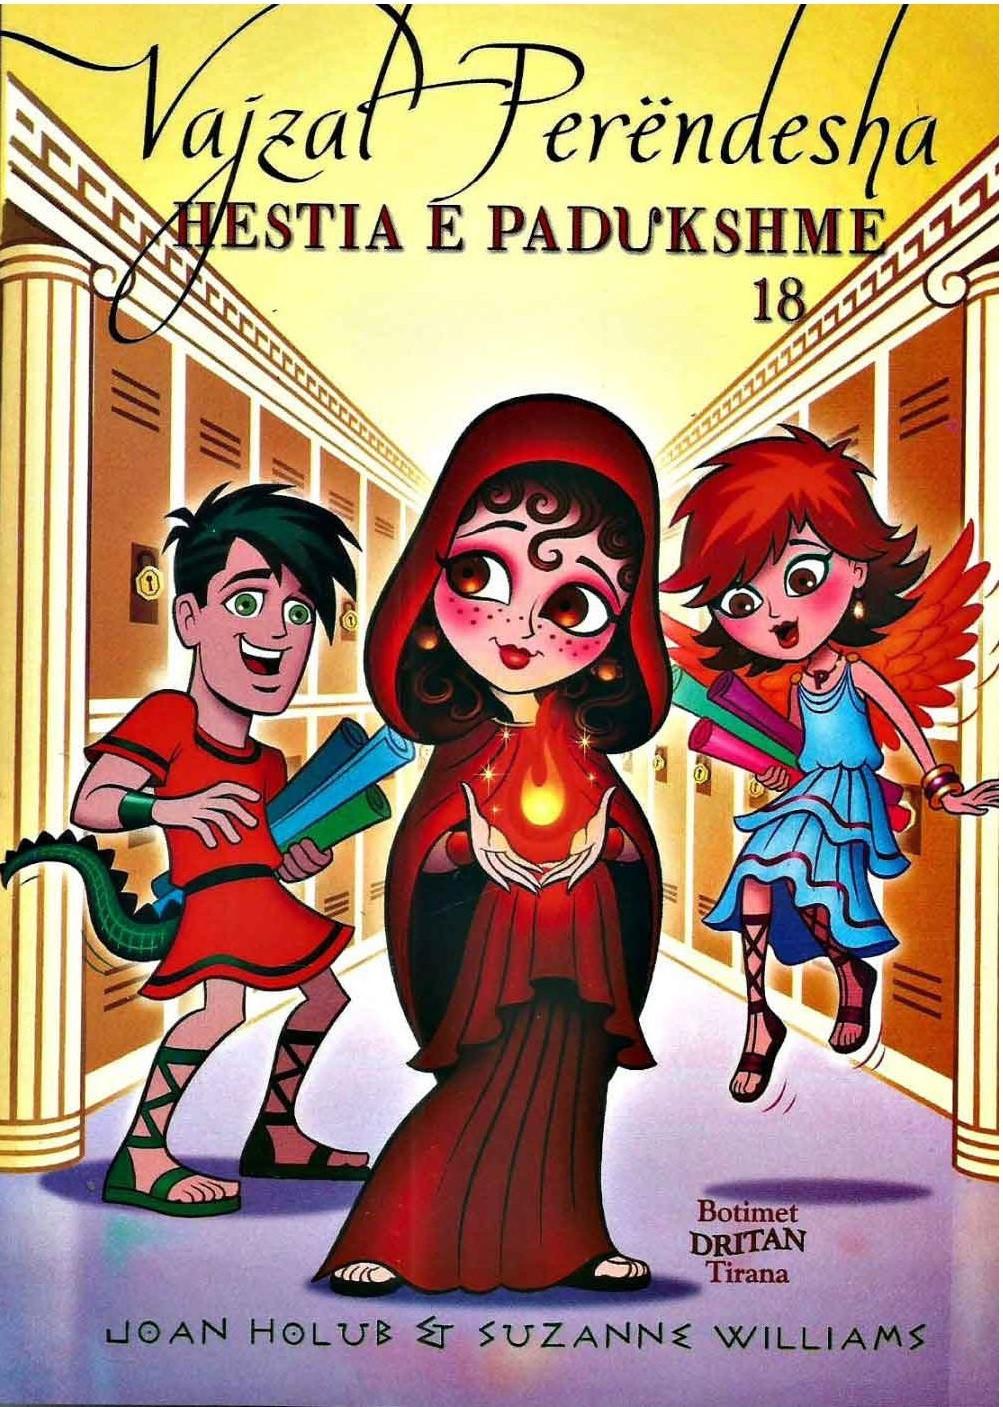 Vajzat Perendesha 18 - Hestia e padukshme